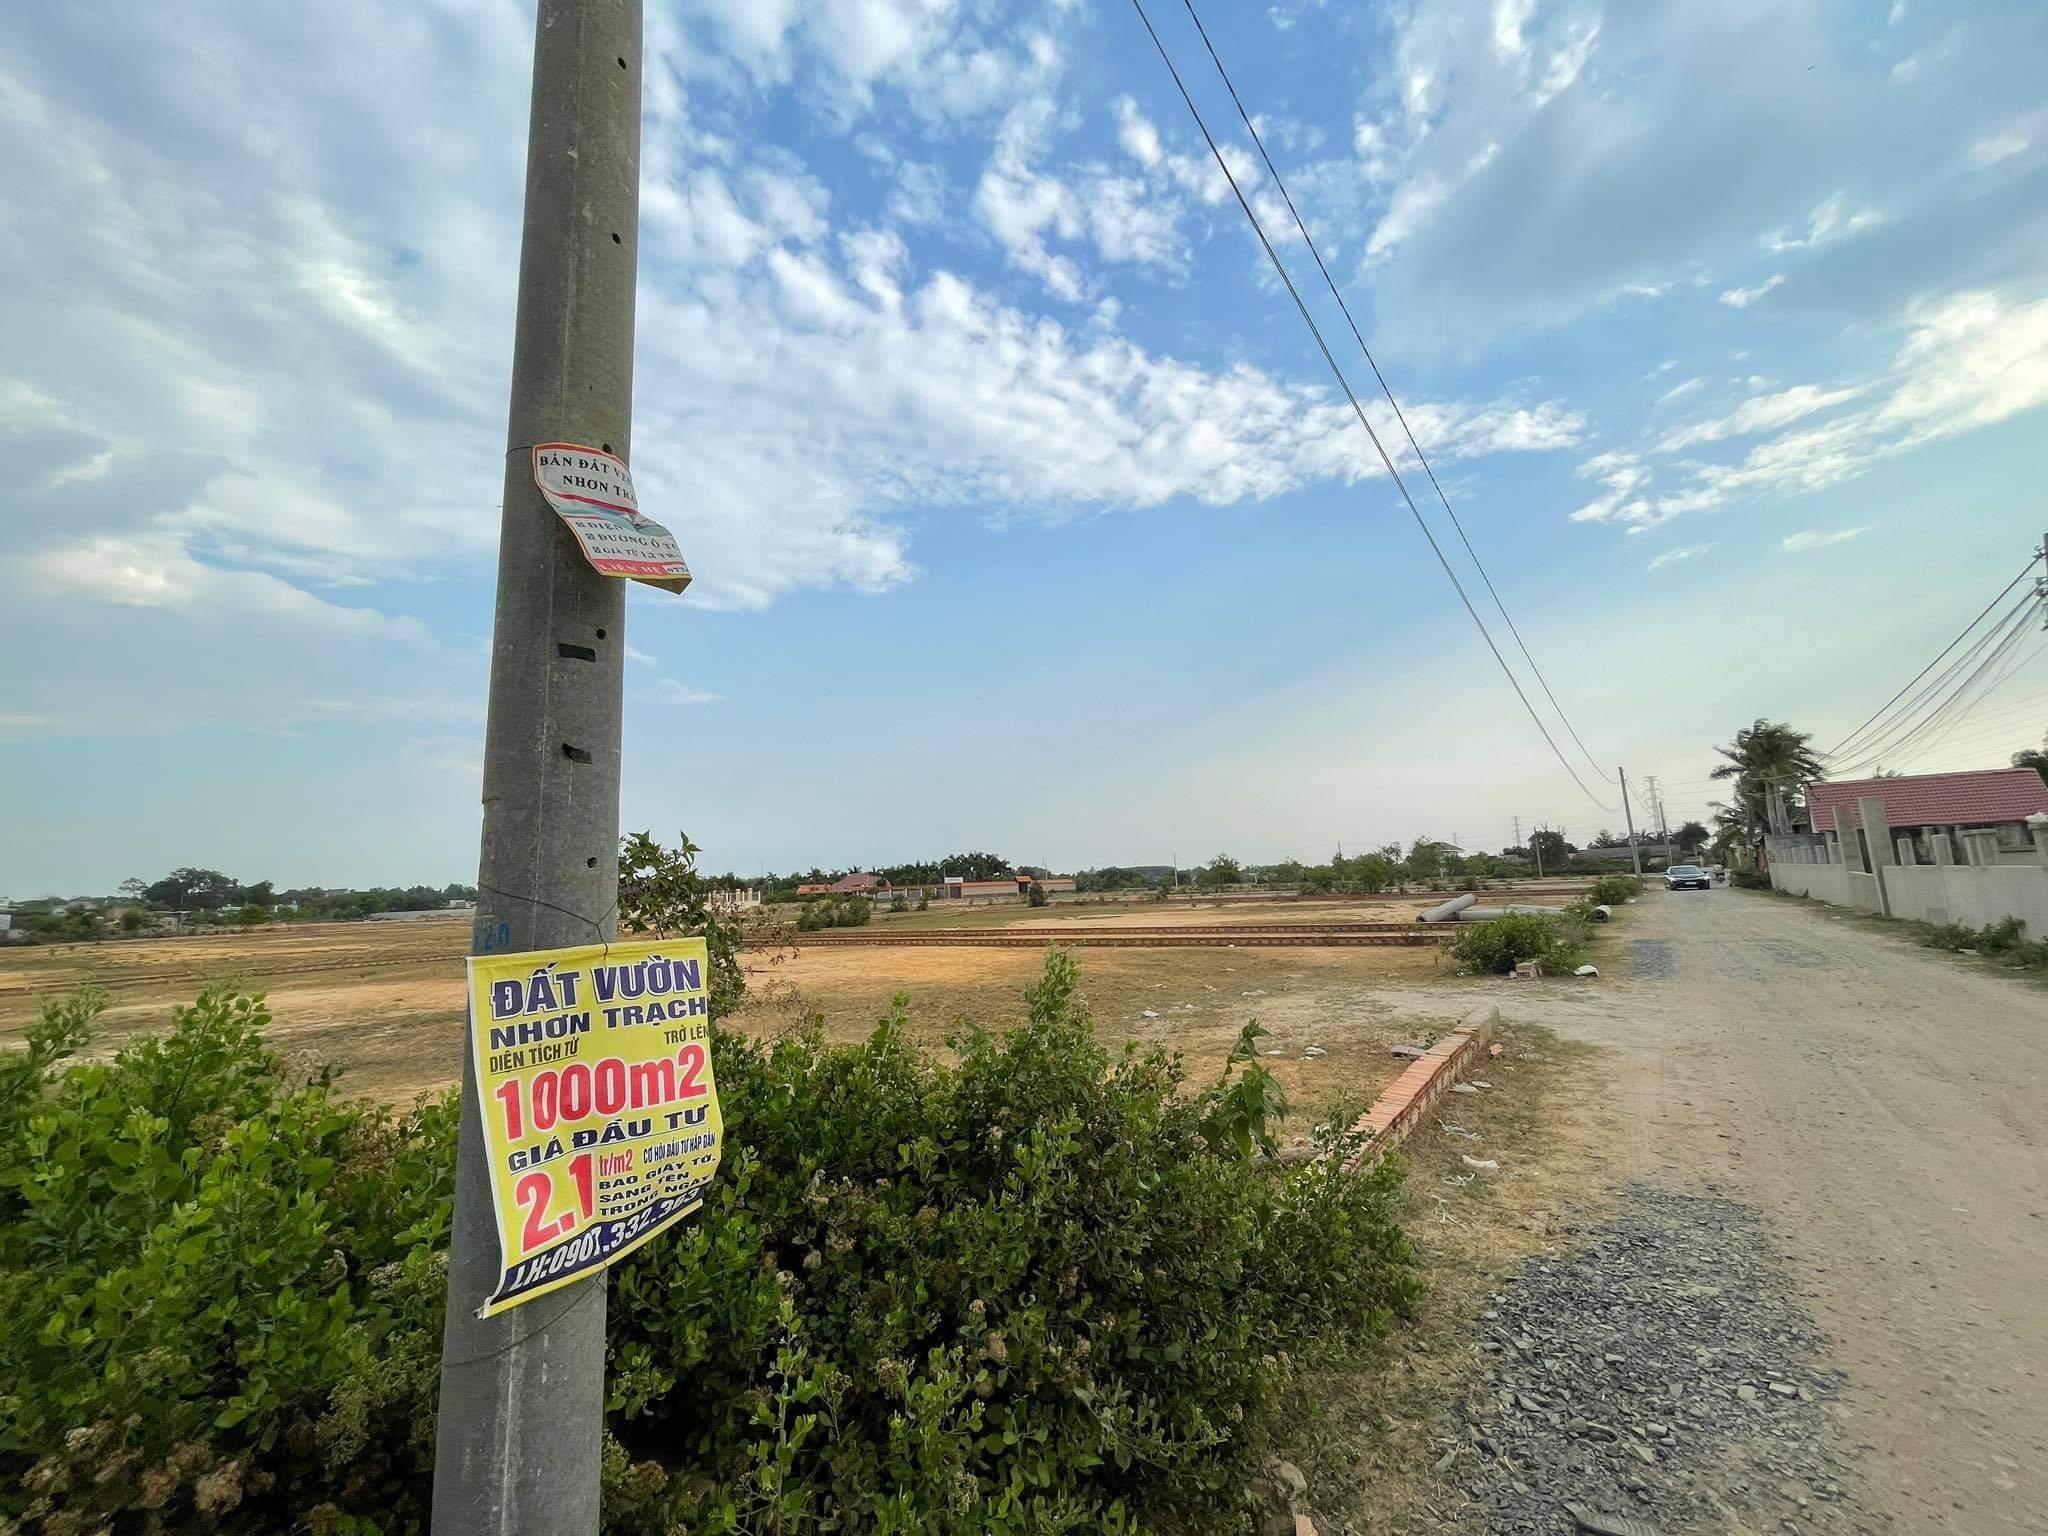 Cơn sốt đất vừa nguội, nhiều nơi kiểm tra tình hình triển khai resort và condotel - Ảnh 1.